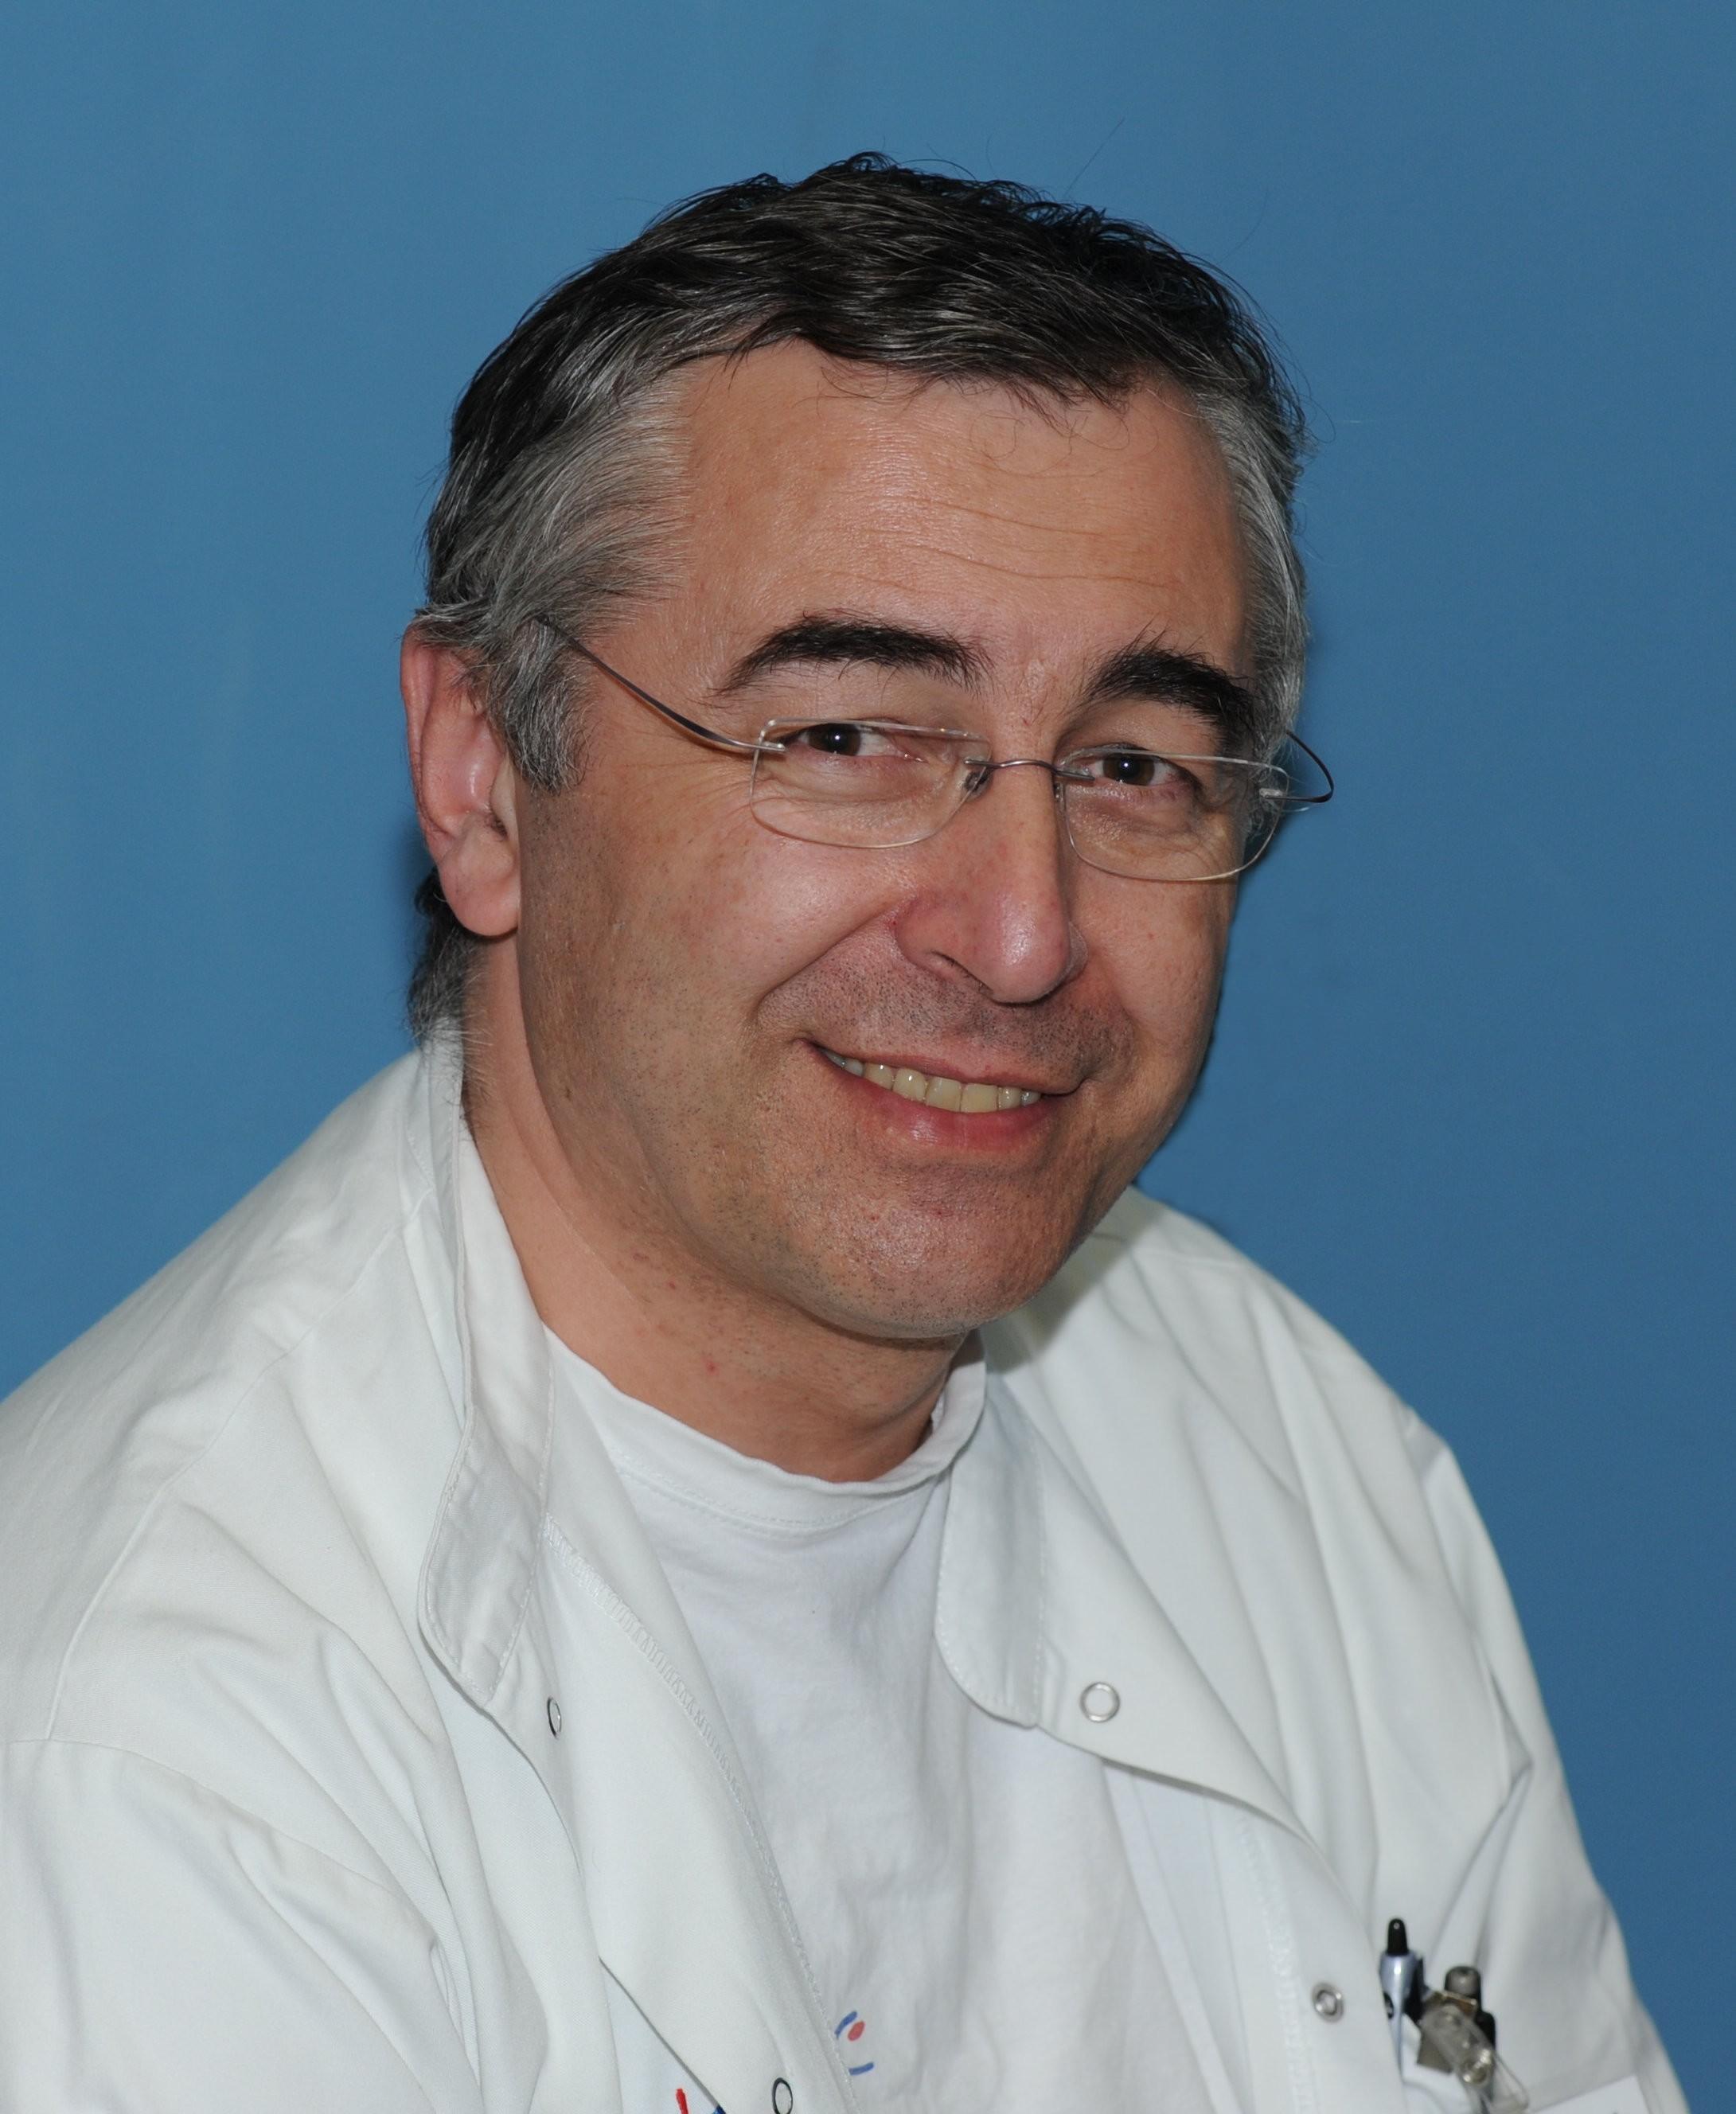 Mirko Omejc